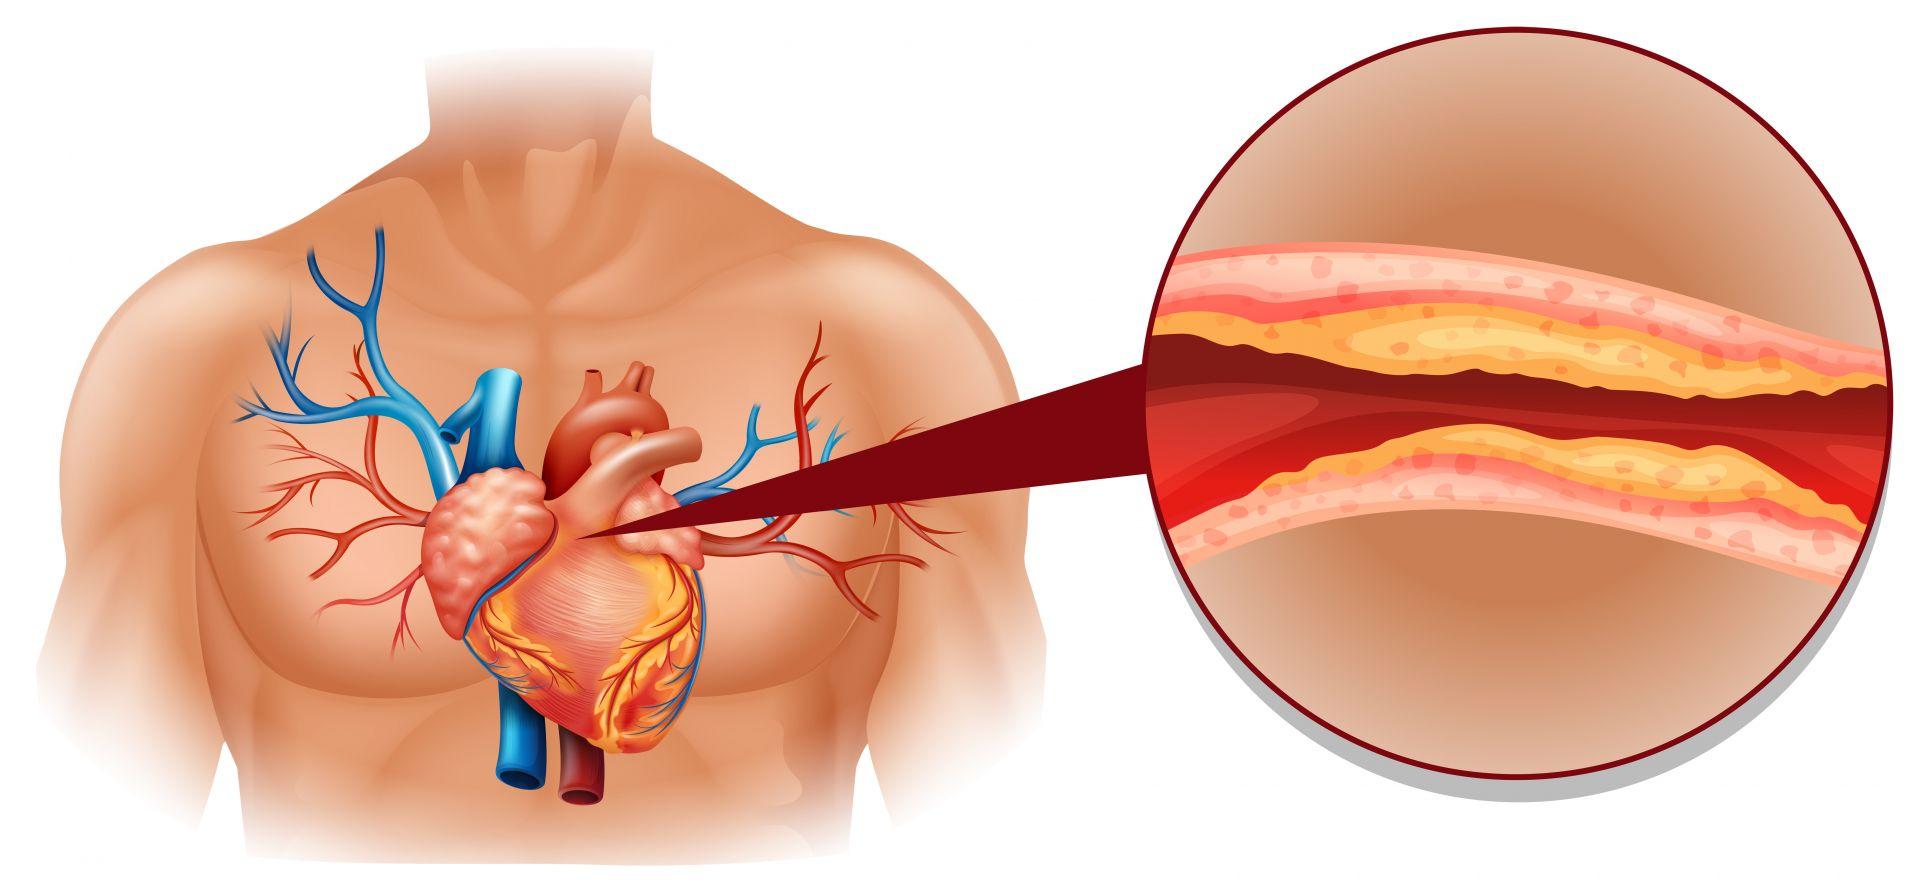 每5人就有1人血脂超標!高血脂症8大成因,壓力大、飲食不節等……都是致病因子